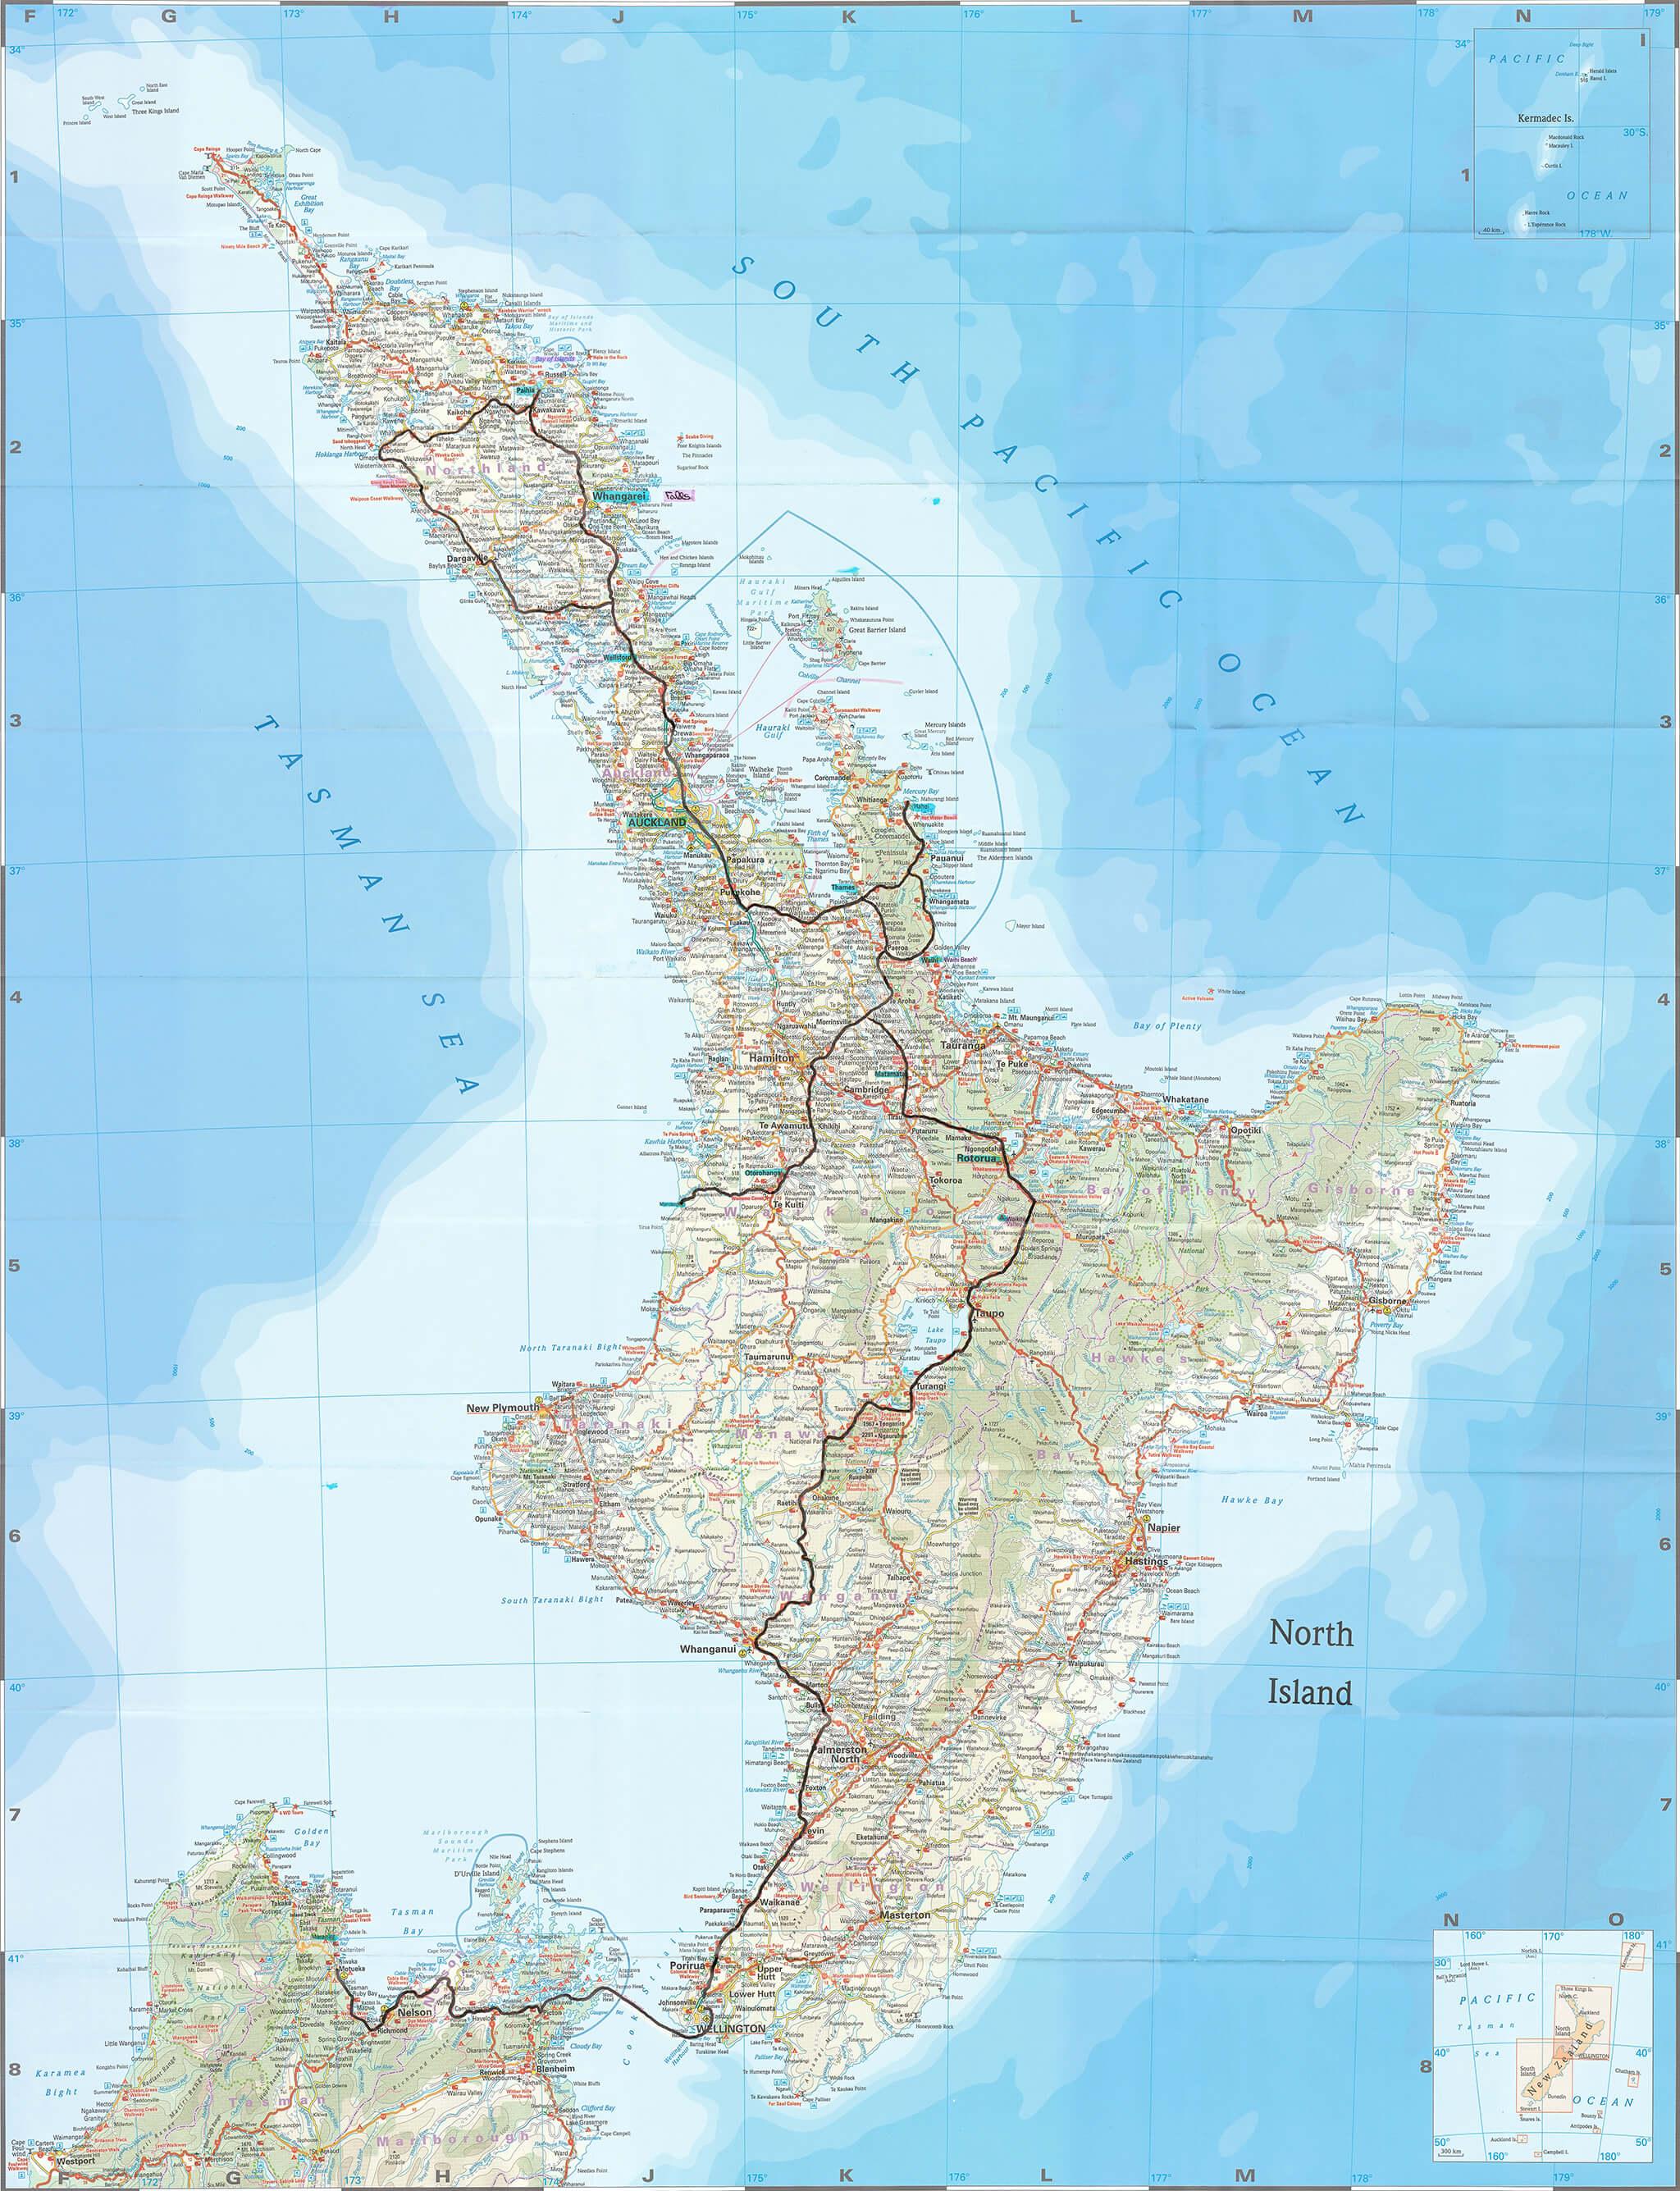 10 Tage über die Nordinsel Neuseelands - Mein Routenverlauf auf der Karte markiert